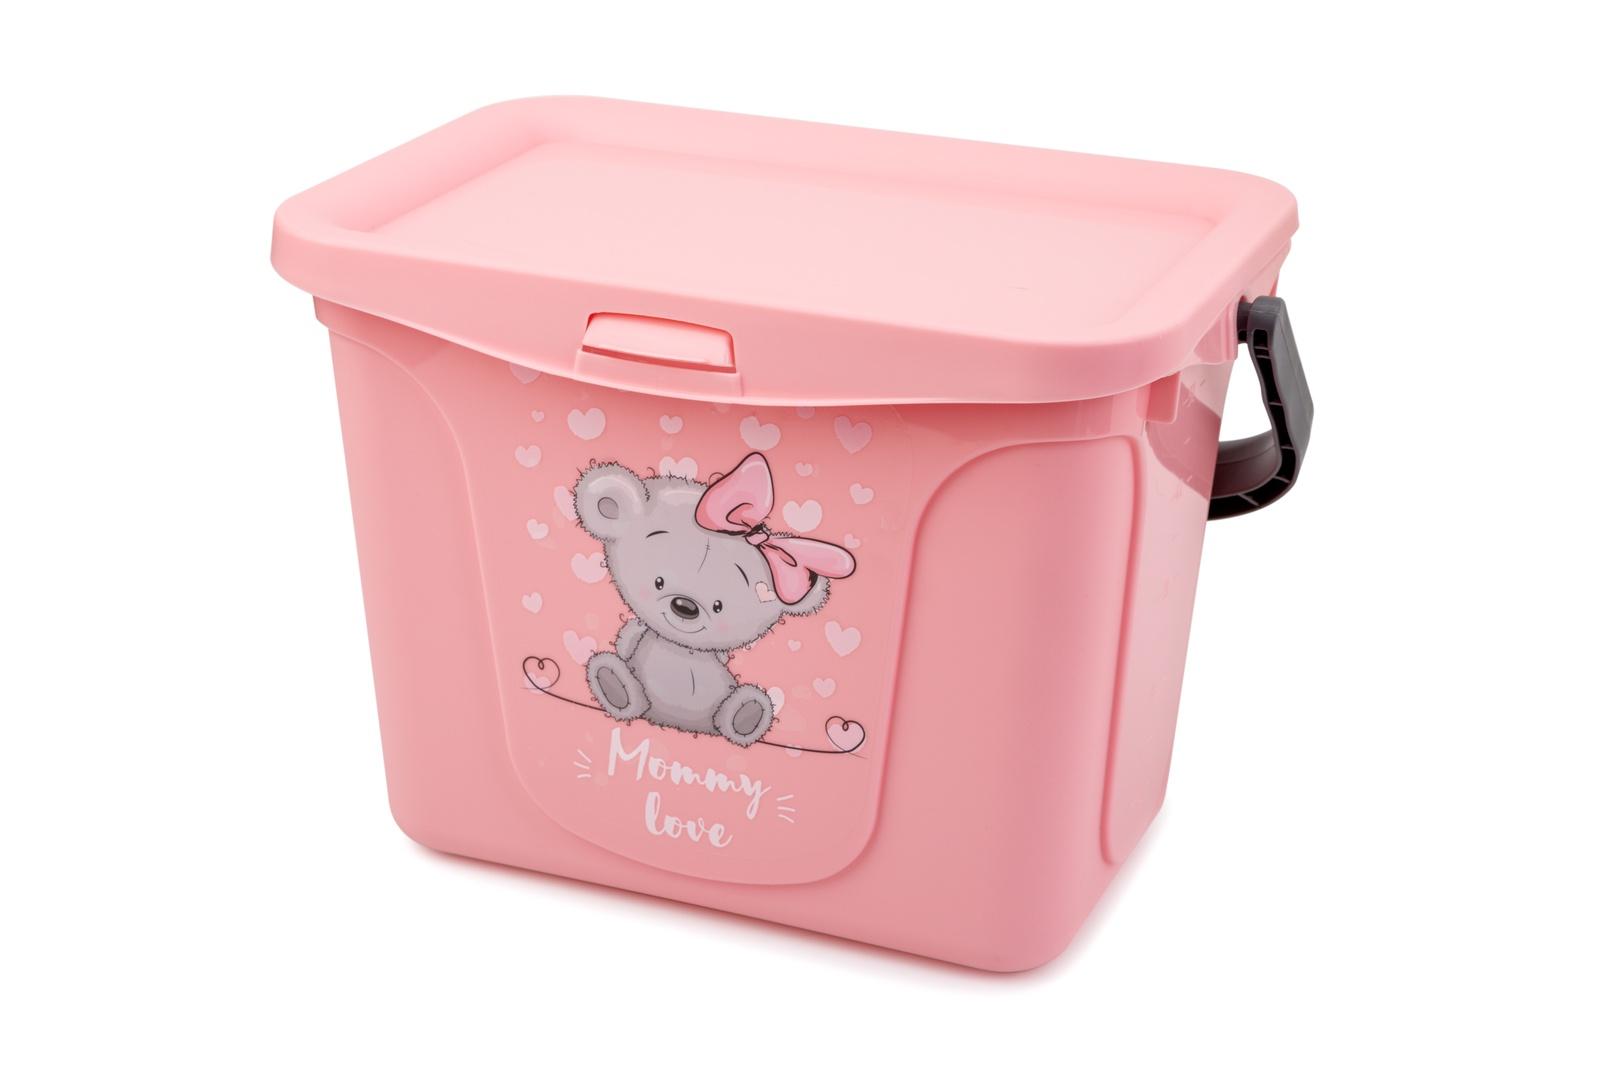 Органайзер для вещей Berossi Mommy Love, АС 48763000, розовый салатник berossi domino twist цвет снежно белый 0 7 л